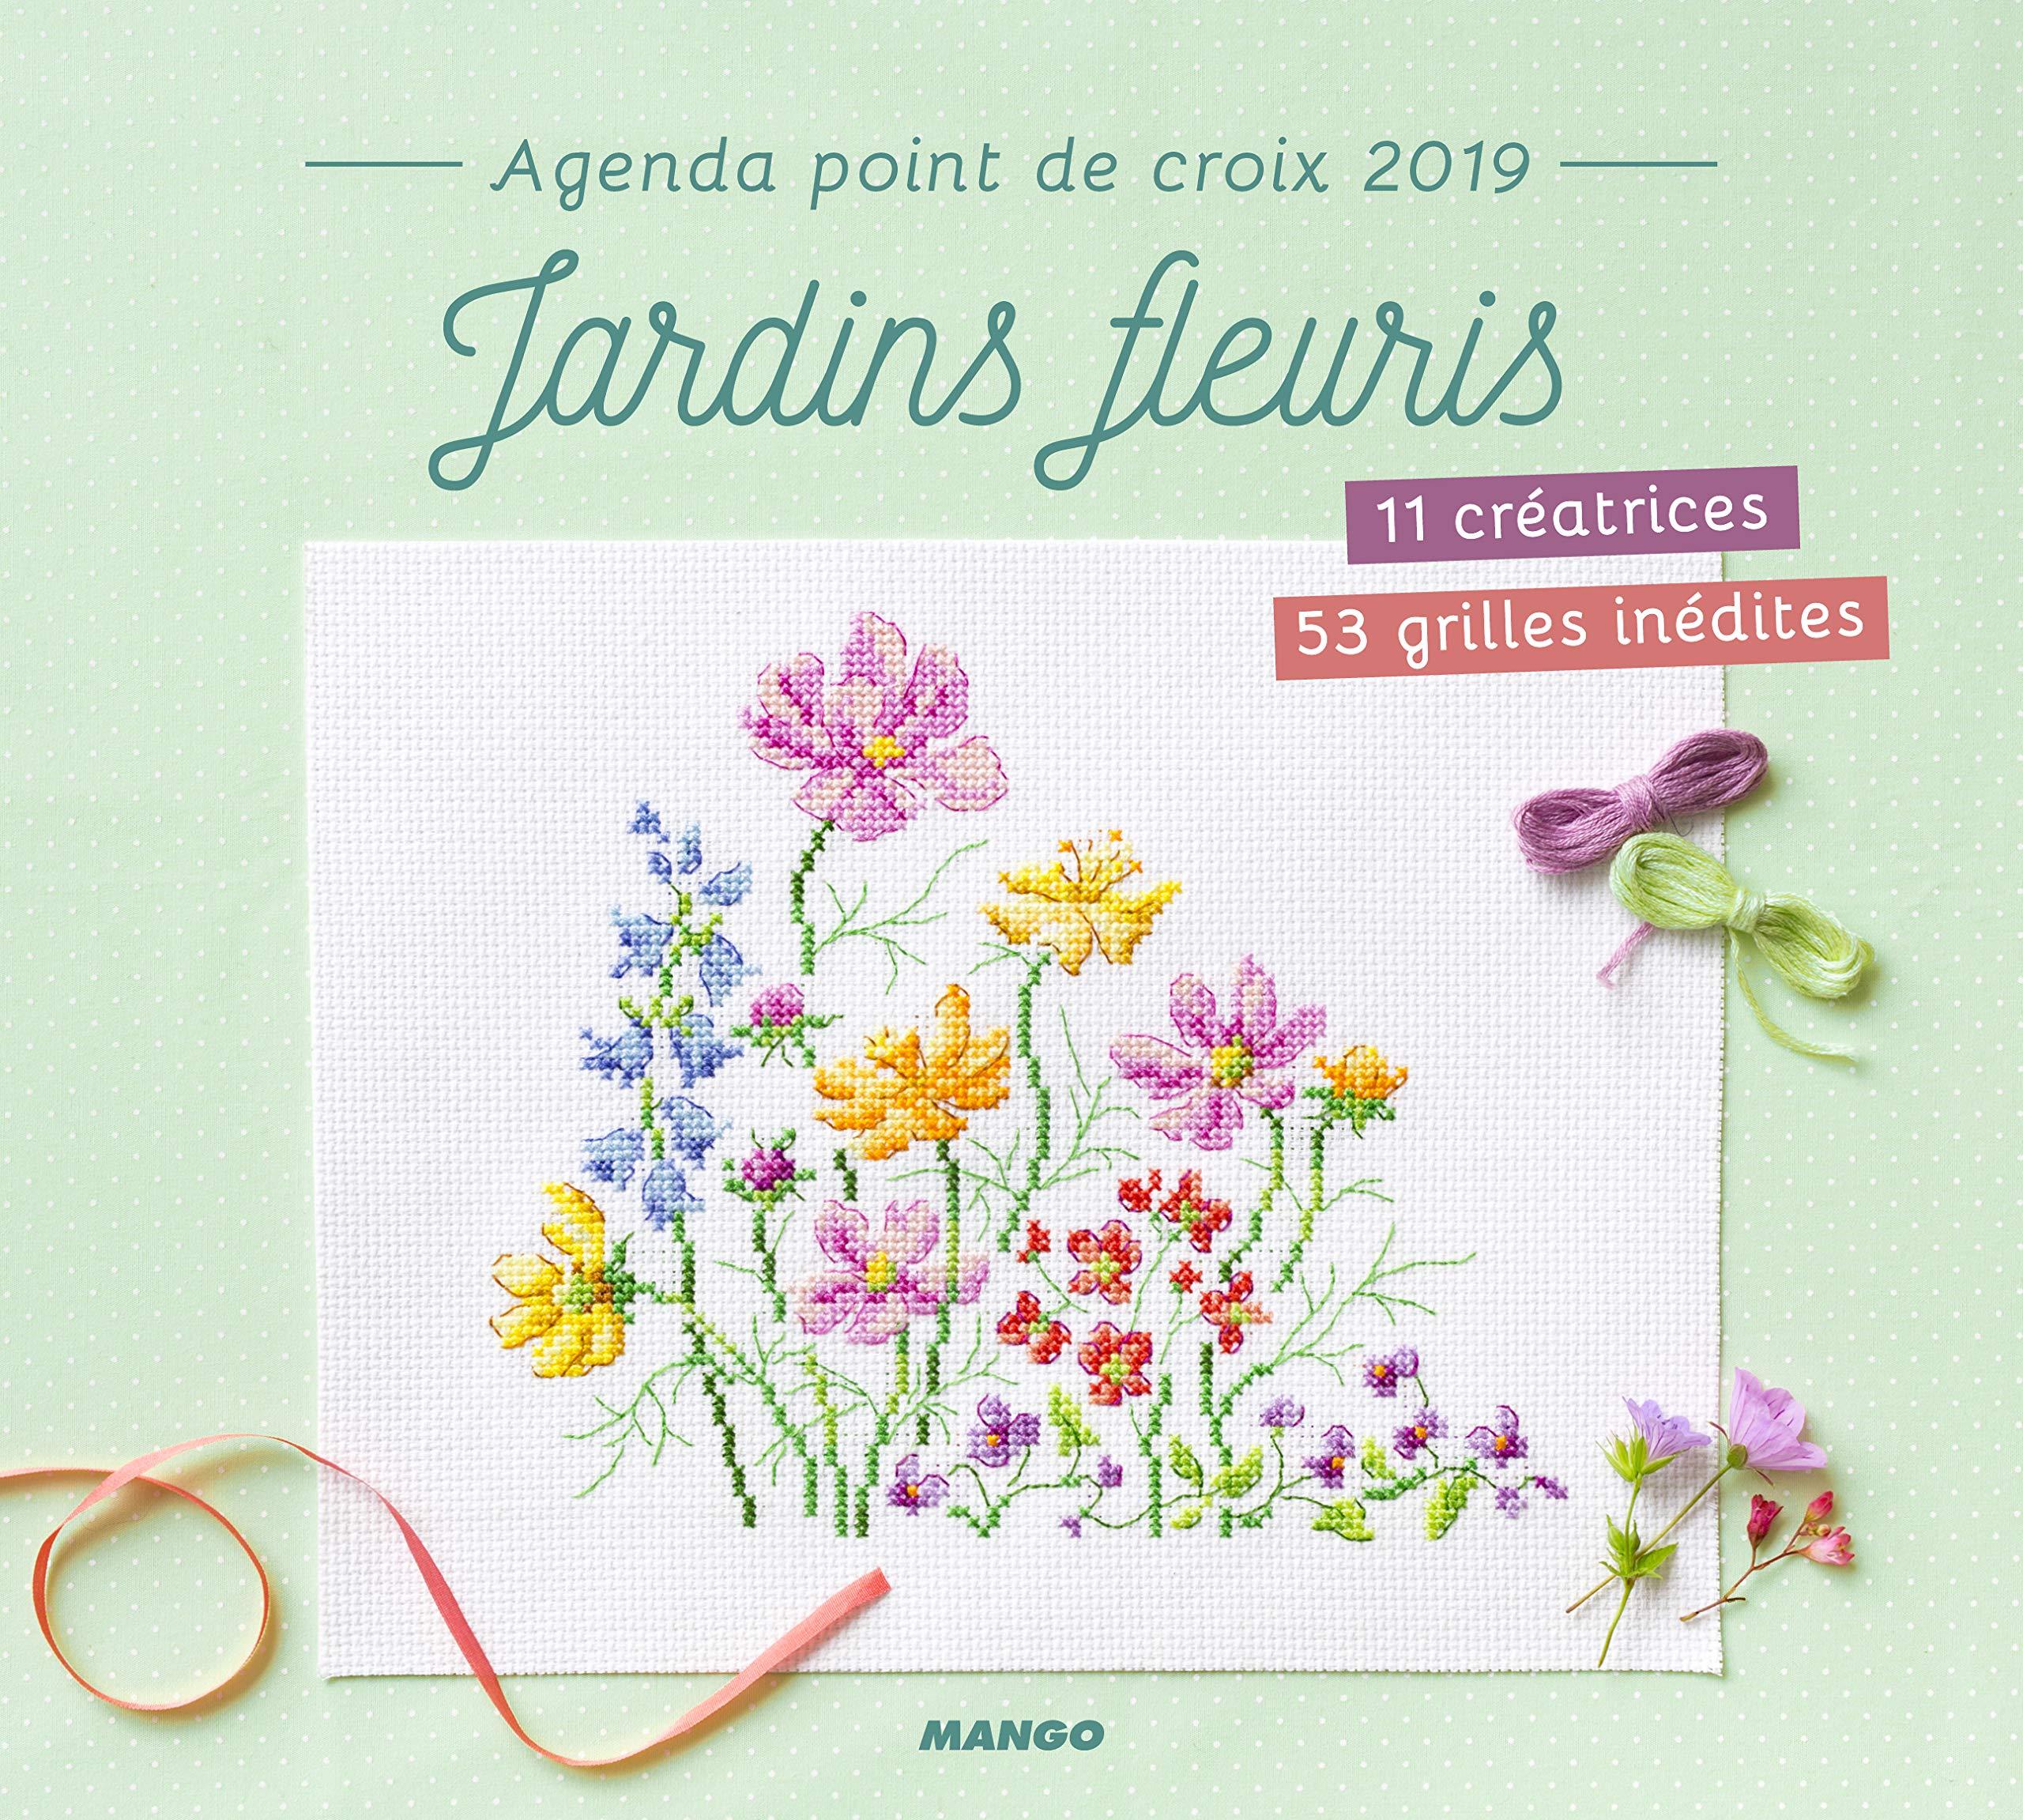 Agenda point de croix 2019 Jardins fleuris - 12 créatrices 53 grilles Relié – 17 août 2018 Collectif MANGO 2317012691 Agendas